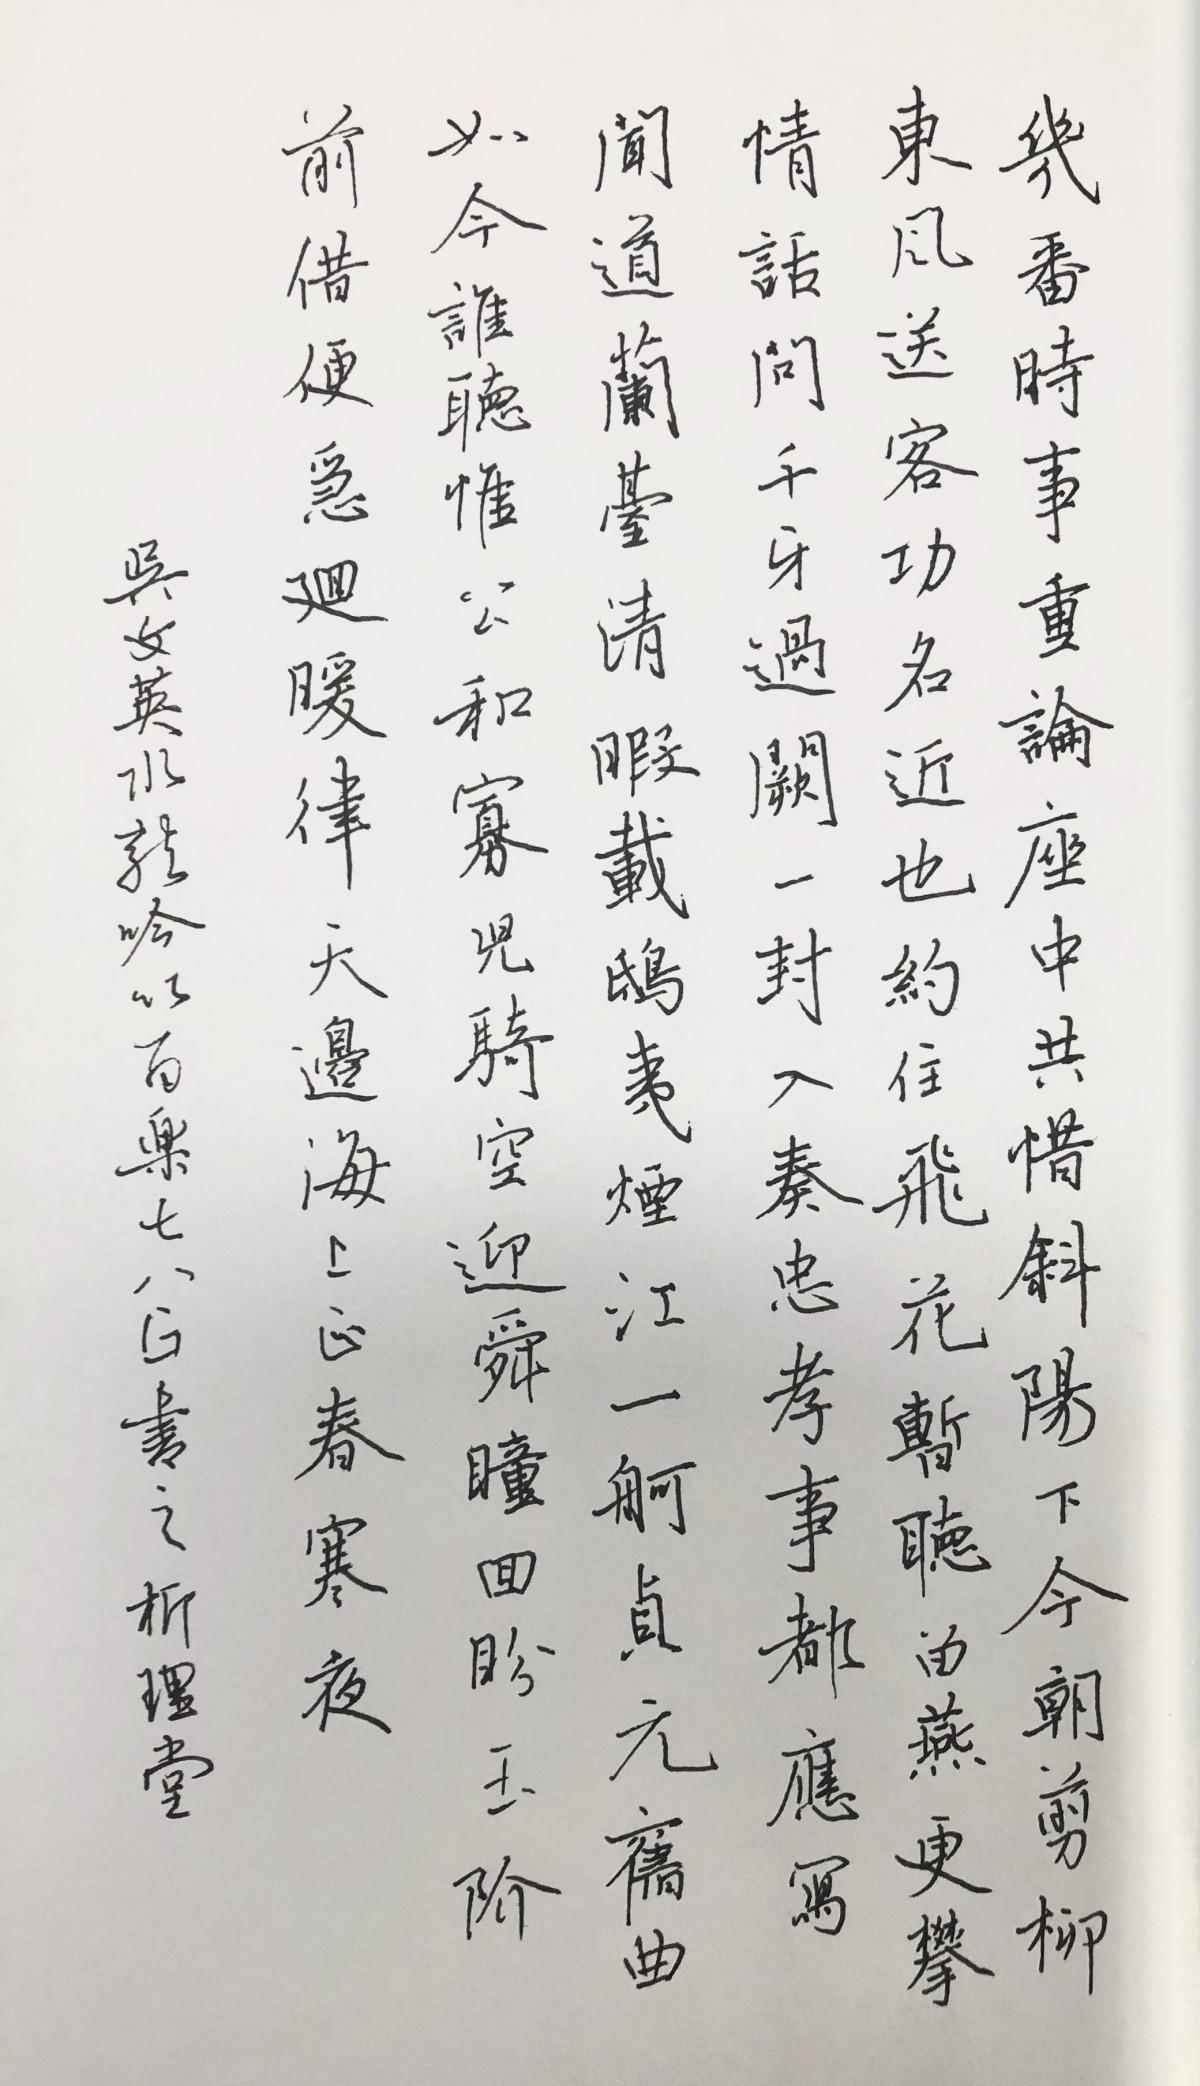 钢笔爱好者练字打卡20210126-09